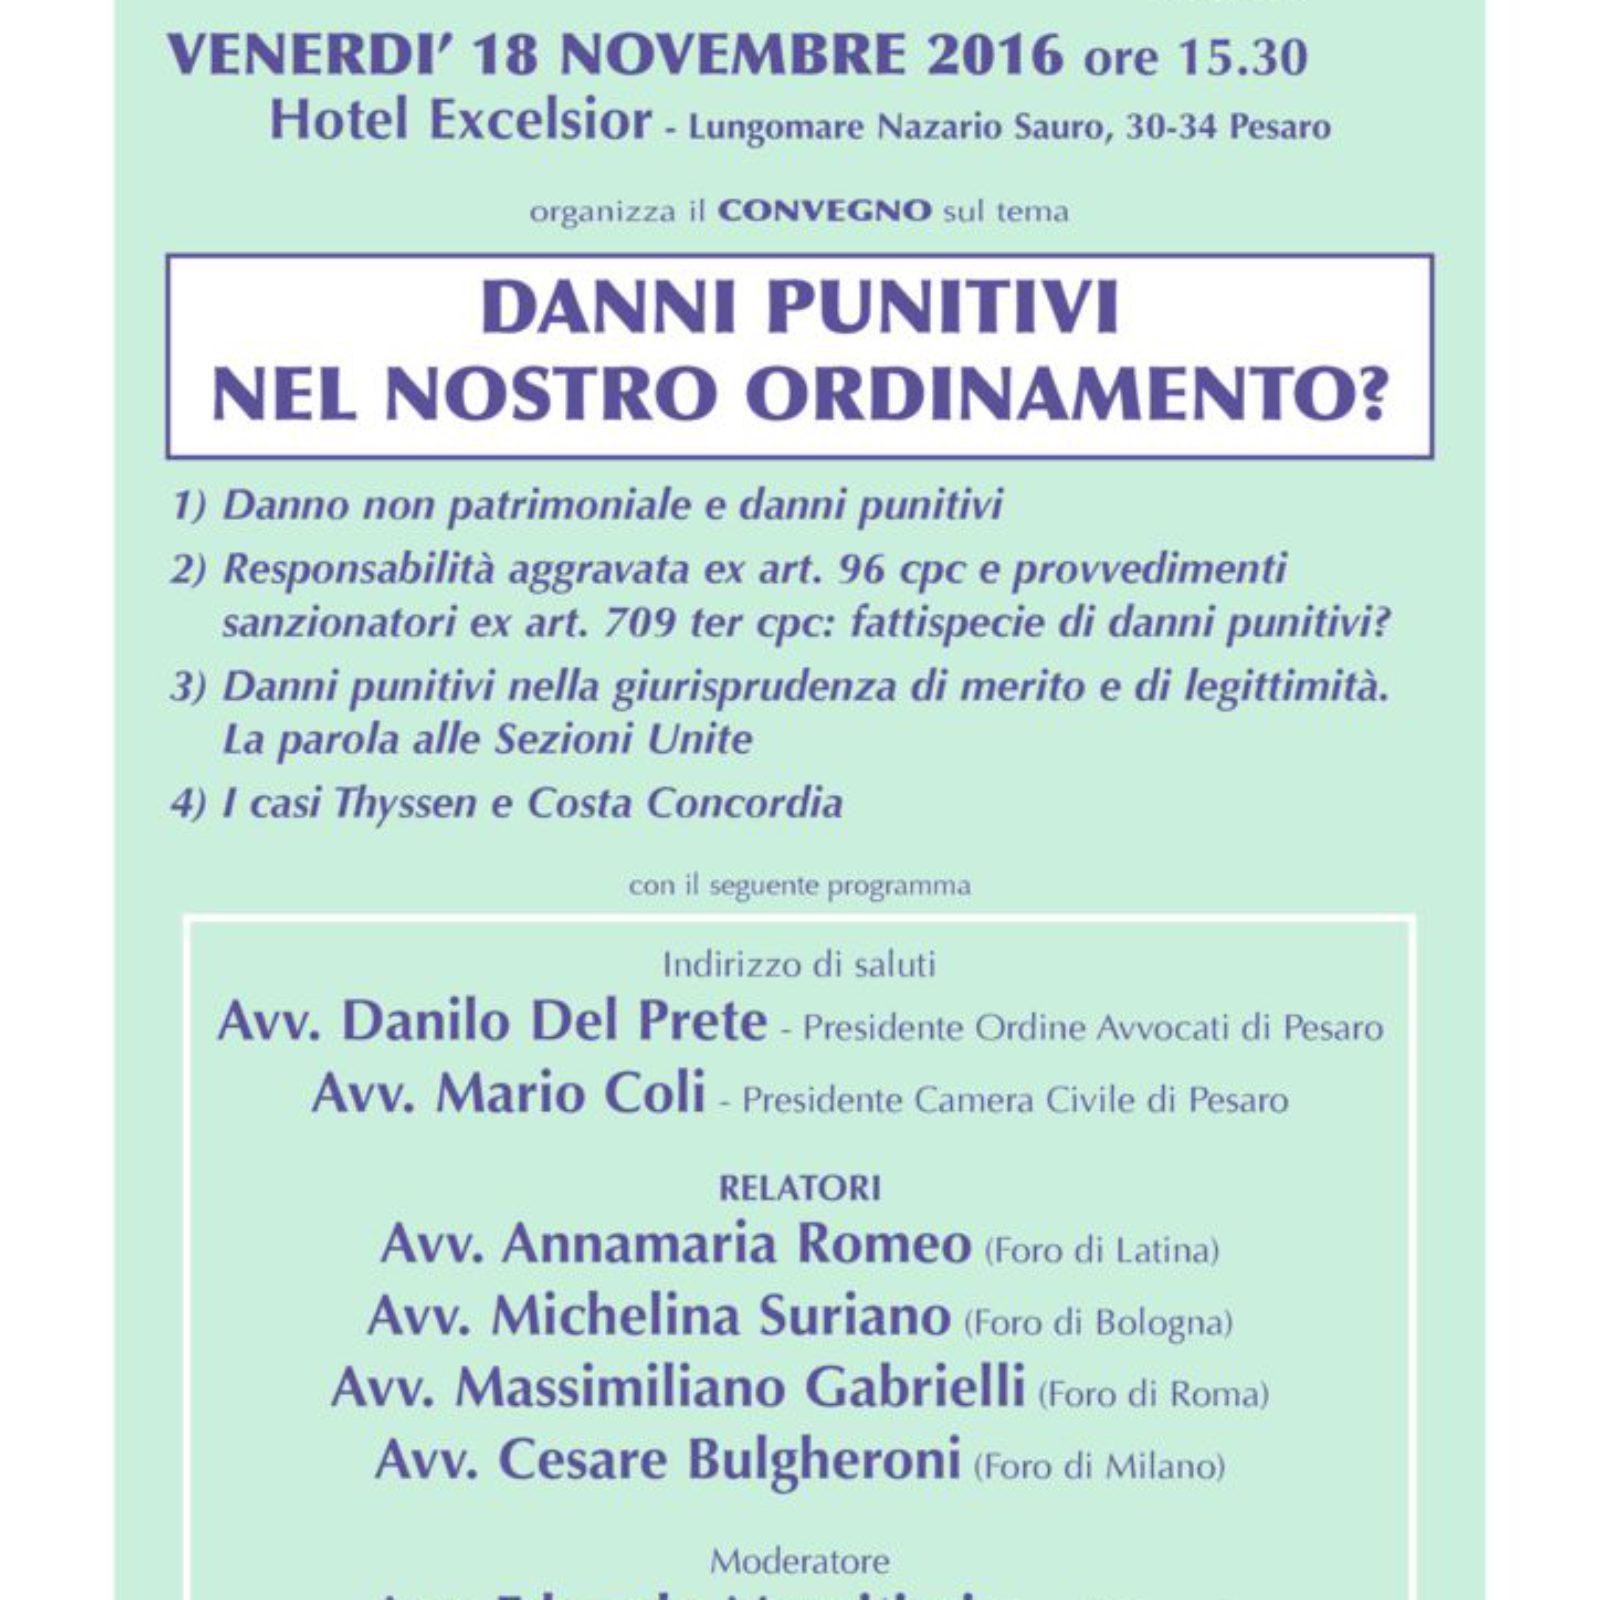 Convegno del 18/11/2016 dal titolo: Danni punitivi nel nostro ordinamento?